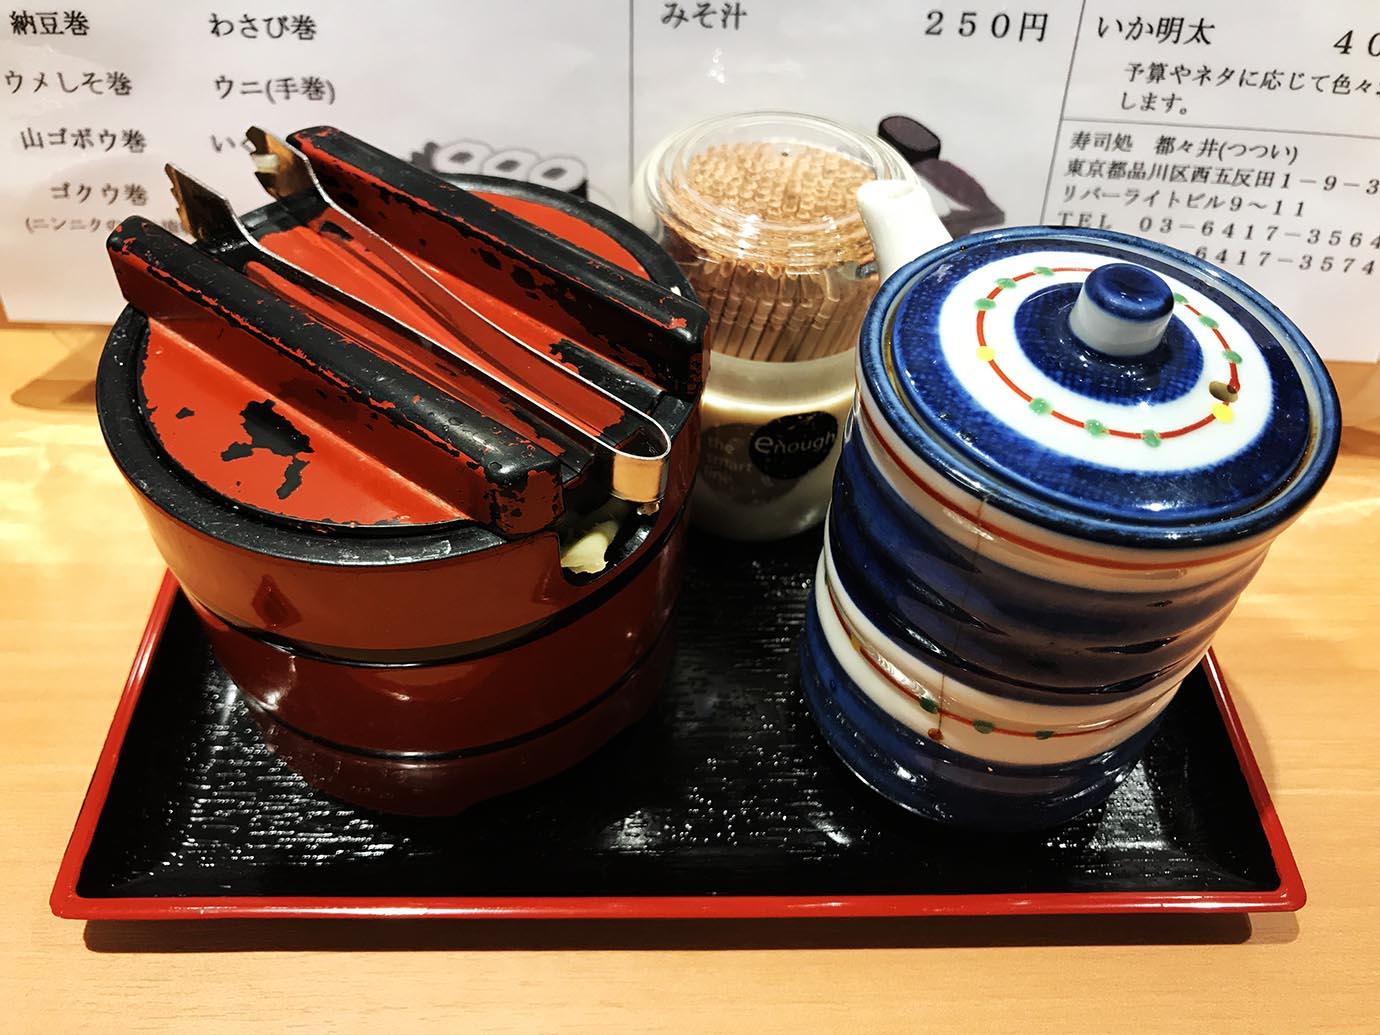 tsutsui-sushi-gotanda3